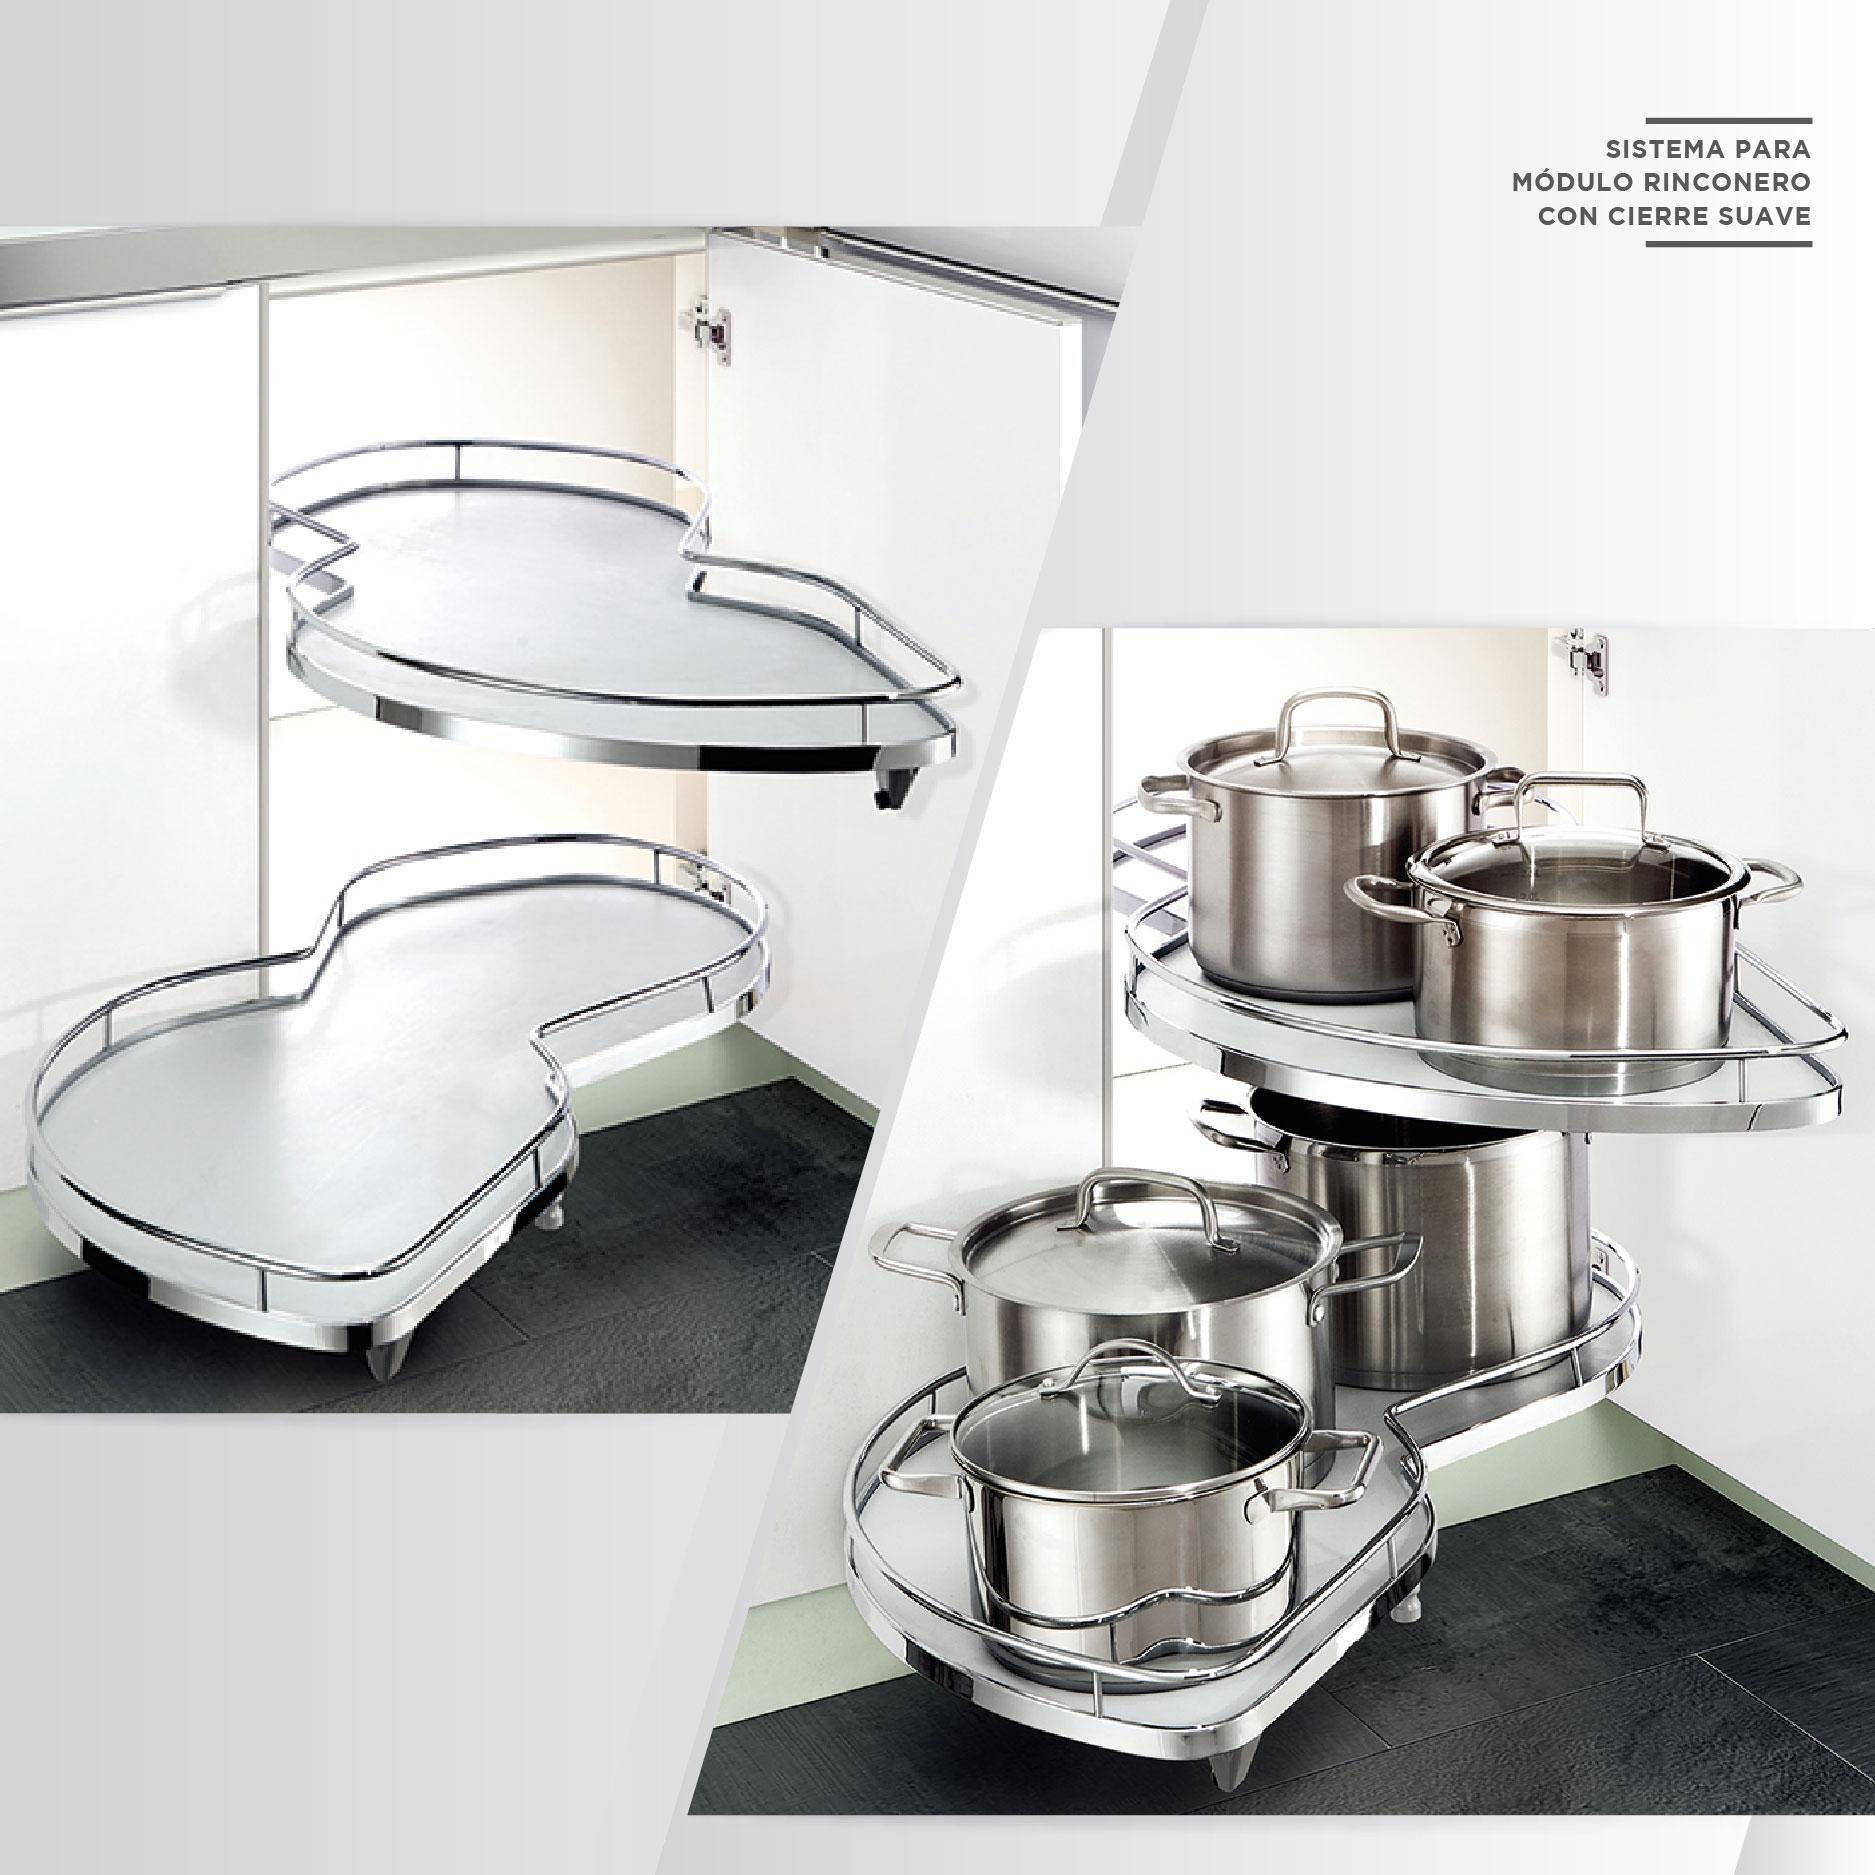 EUROHARD – Accesorios para muebles de cocina